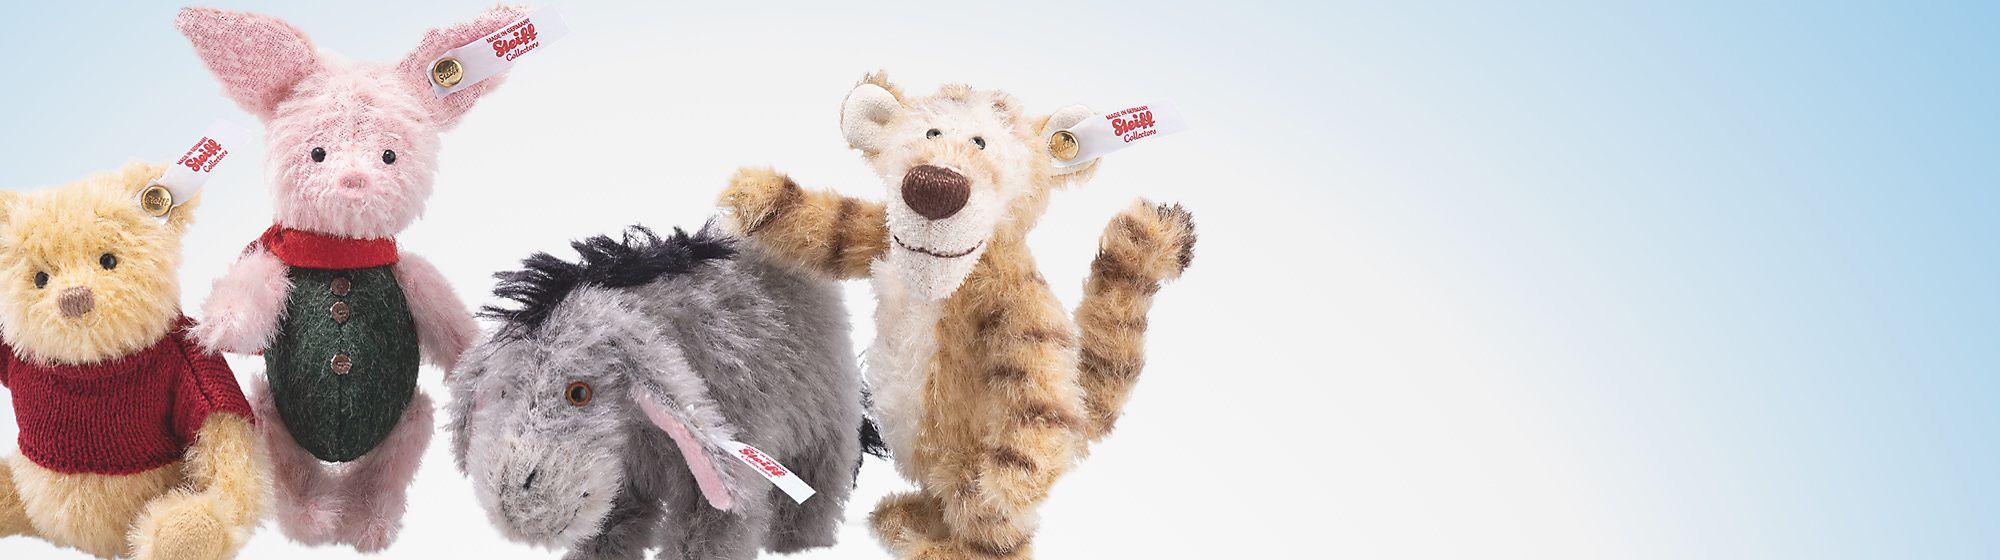 Steiff Lot de 4 peluches de collection Jean-Christophe et Winnie l'Ourson Sortie le 25 octobre | €400  2 000 exemplaires dans le monde